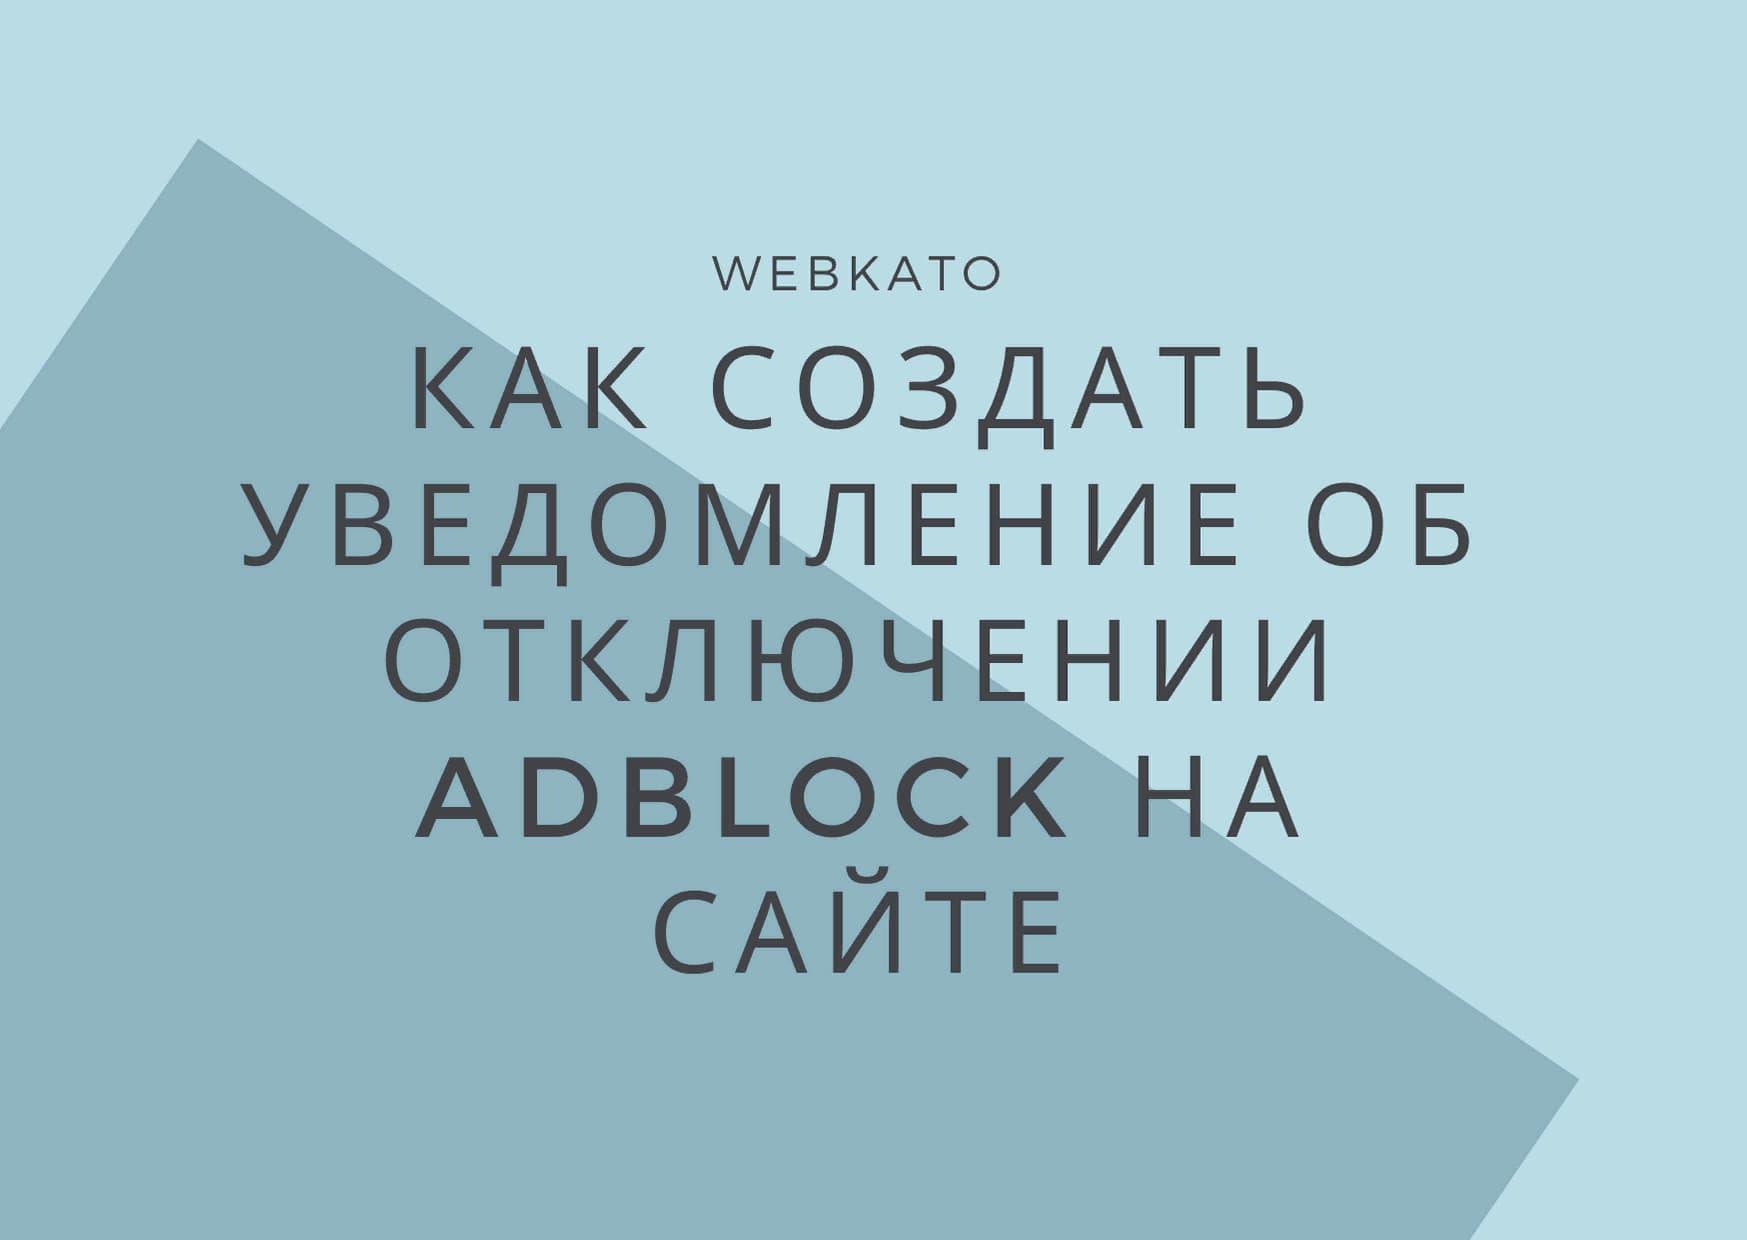 Как создать уведомление об отключении Adblock на сайте с помощью Google Funding Choices